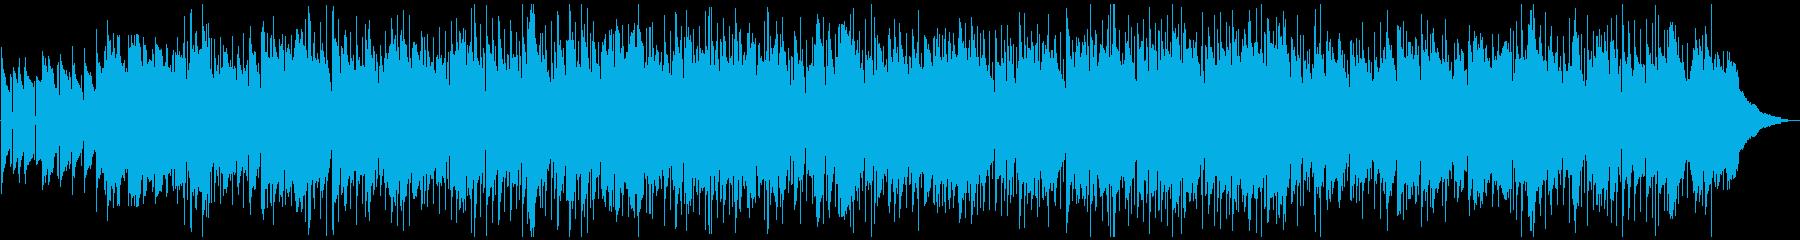 カントリー調のロックバラードの再生済みの波形